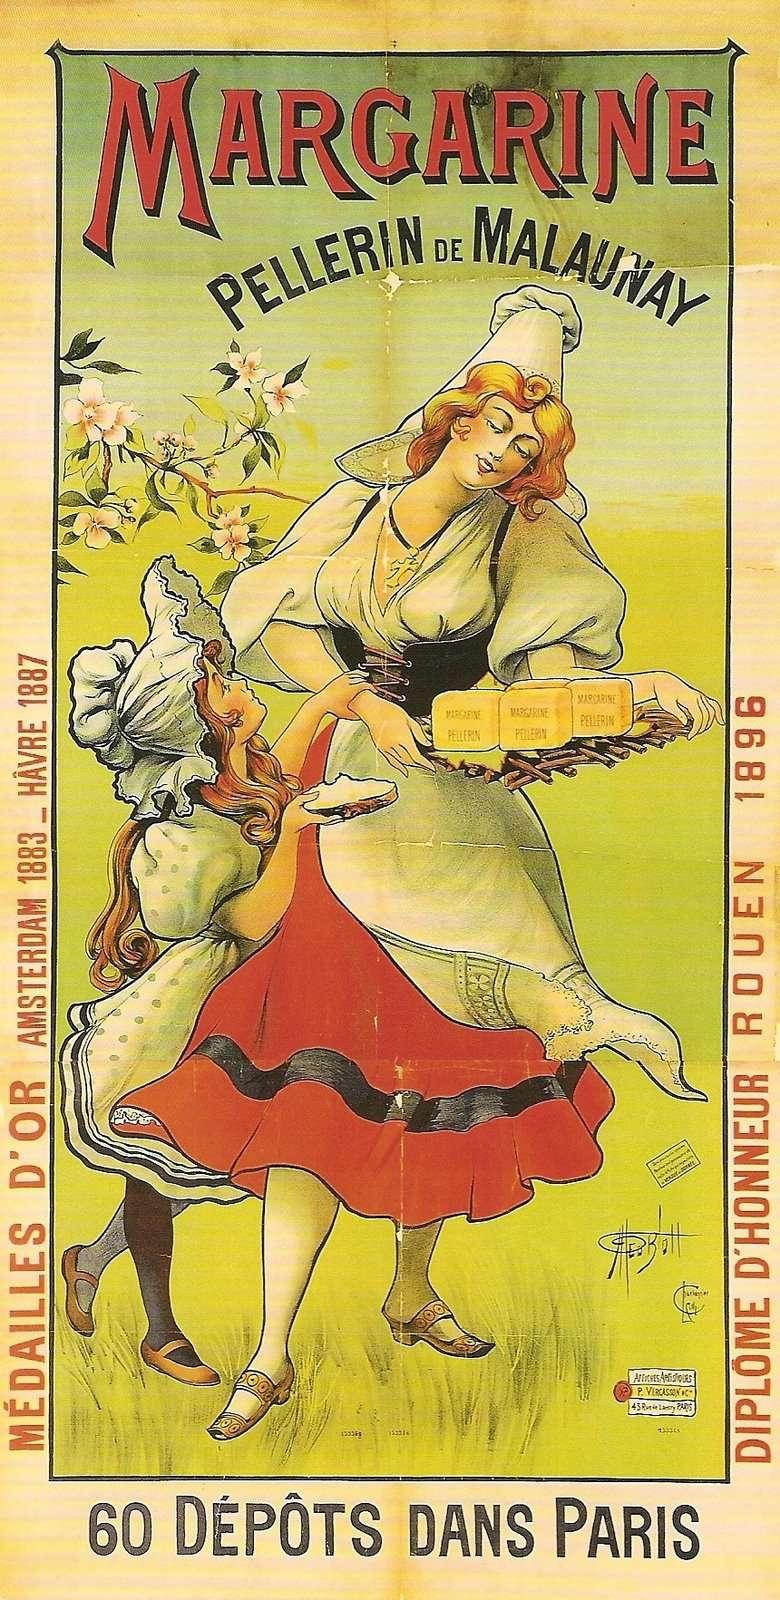 Les aniennes affiches publicitaires. A_f7j610